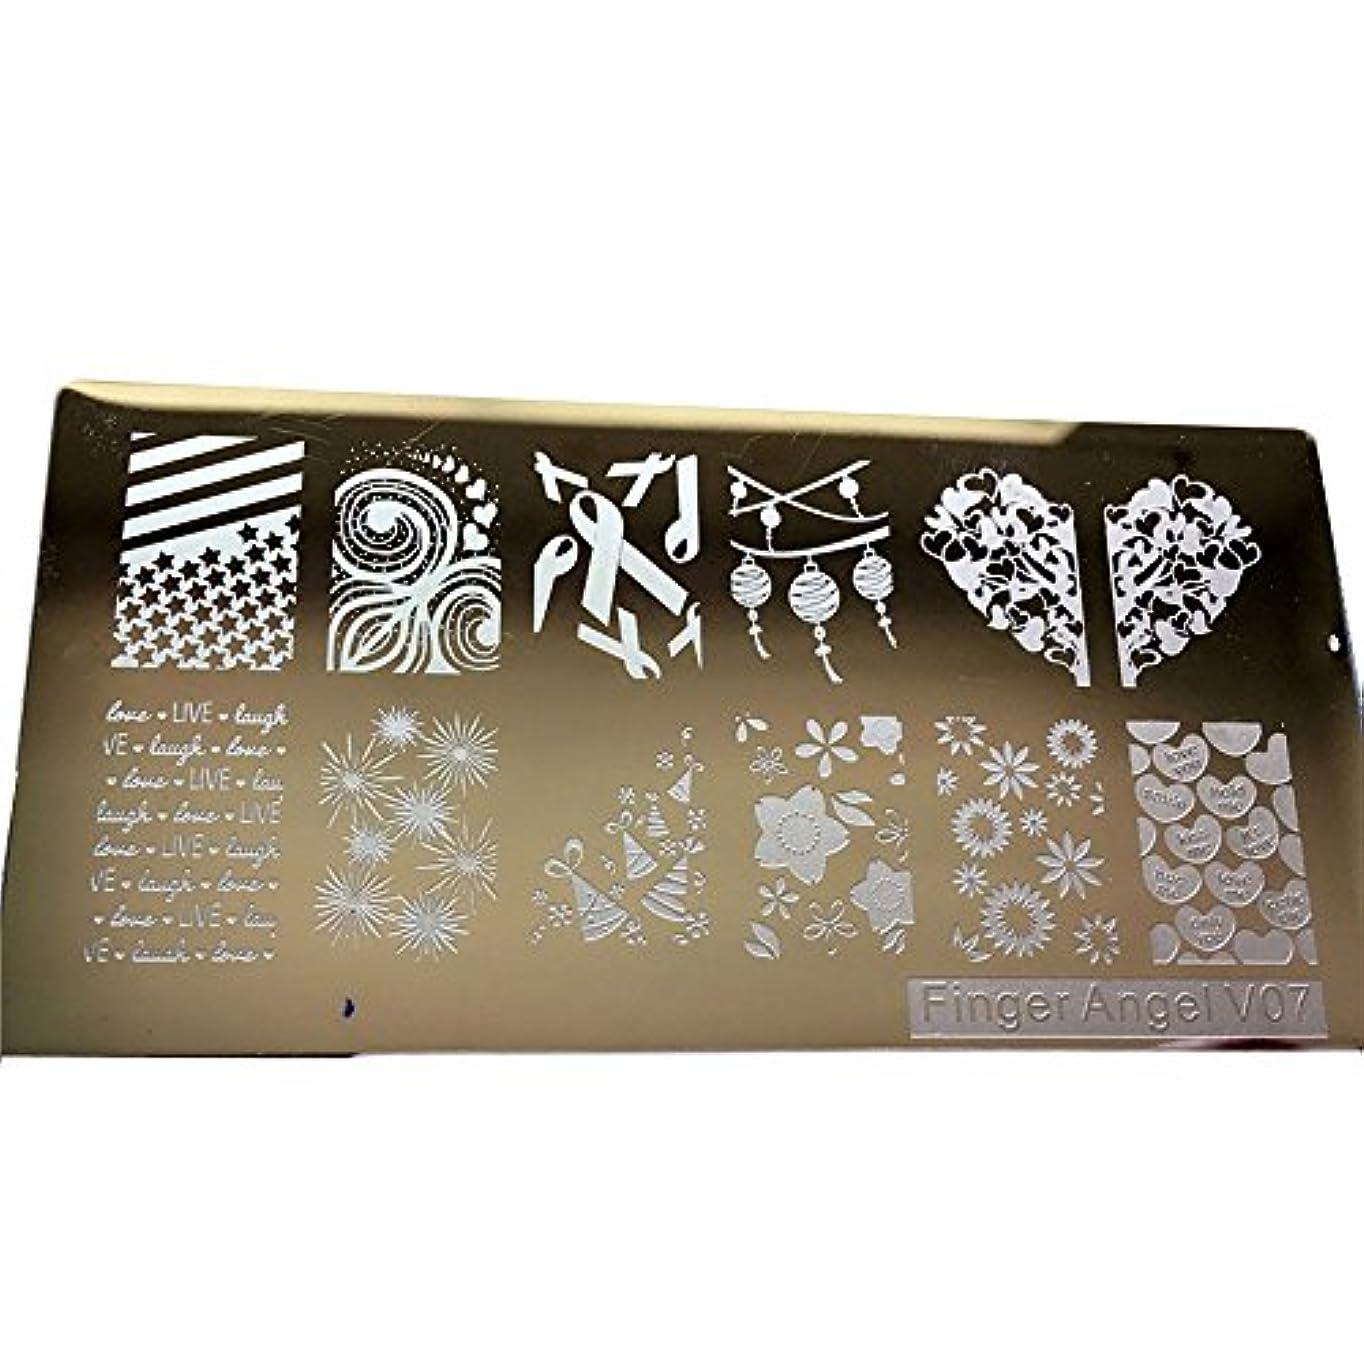 脊椎取得する減らす[ルテンズ] スタンピングプレートセット 花柄 ネイルプレート ネイルアートツール ネイルプレート ネイルスタンパー ネイルスタンプ スタンプネイル ネイルデザイン用品